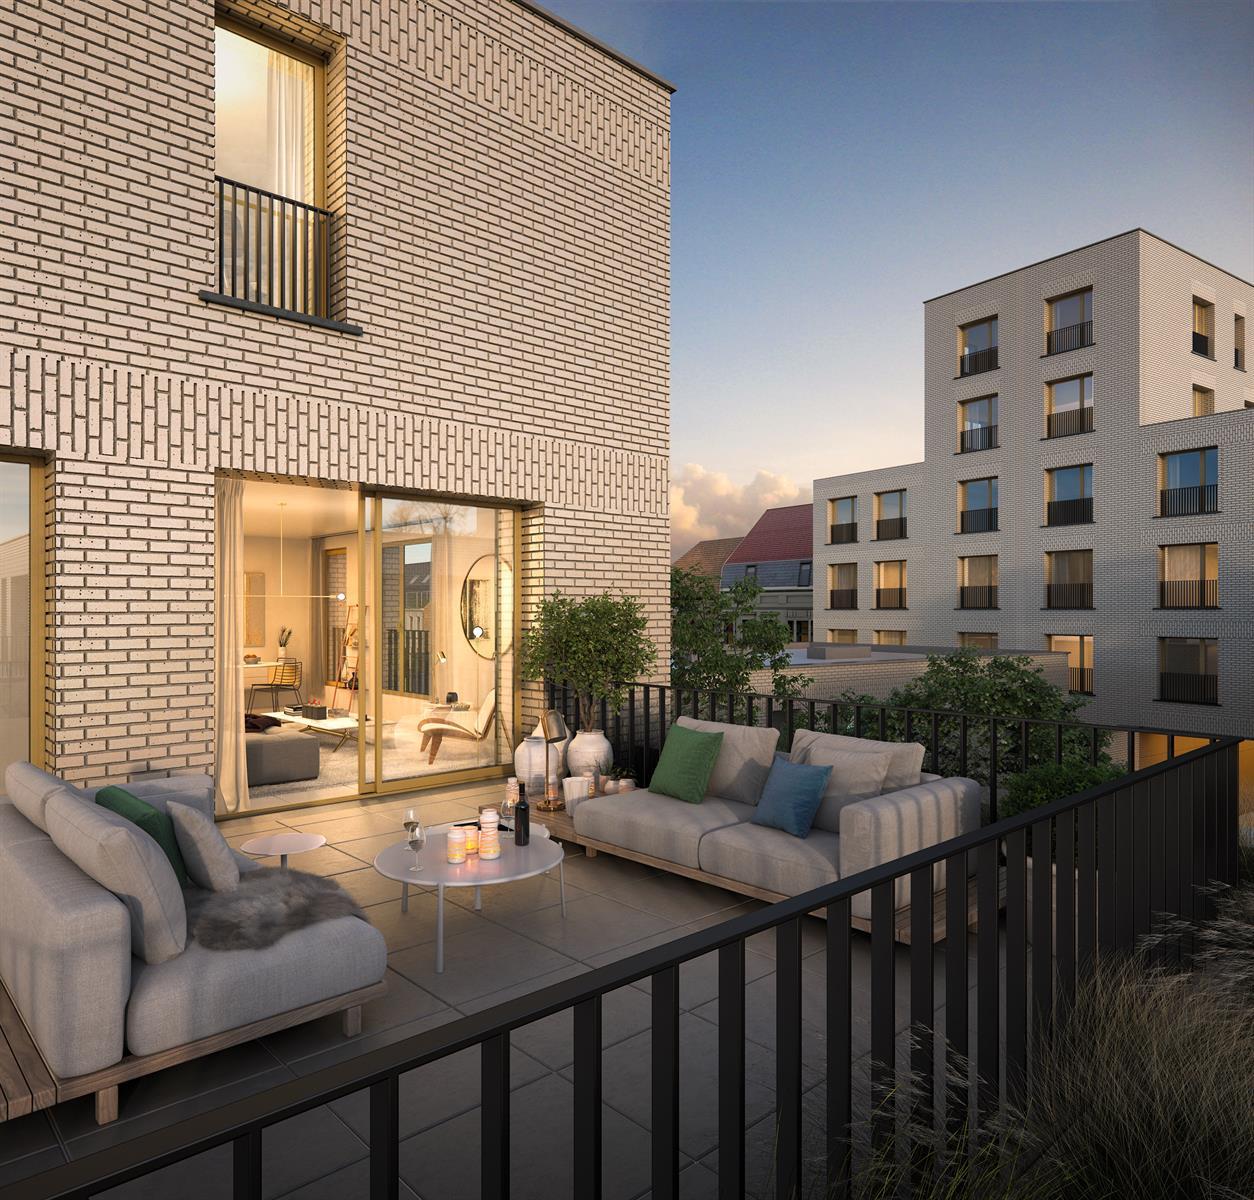 Appartement Te koop Deinze Patiowoning E2.2